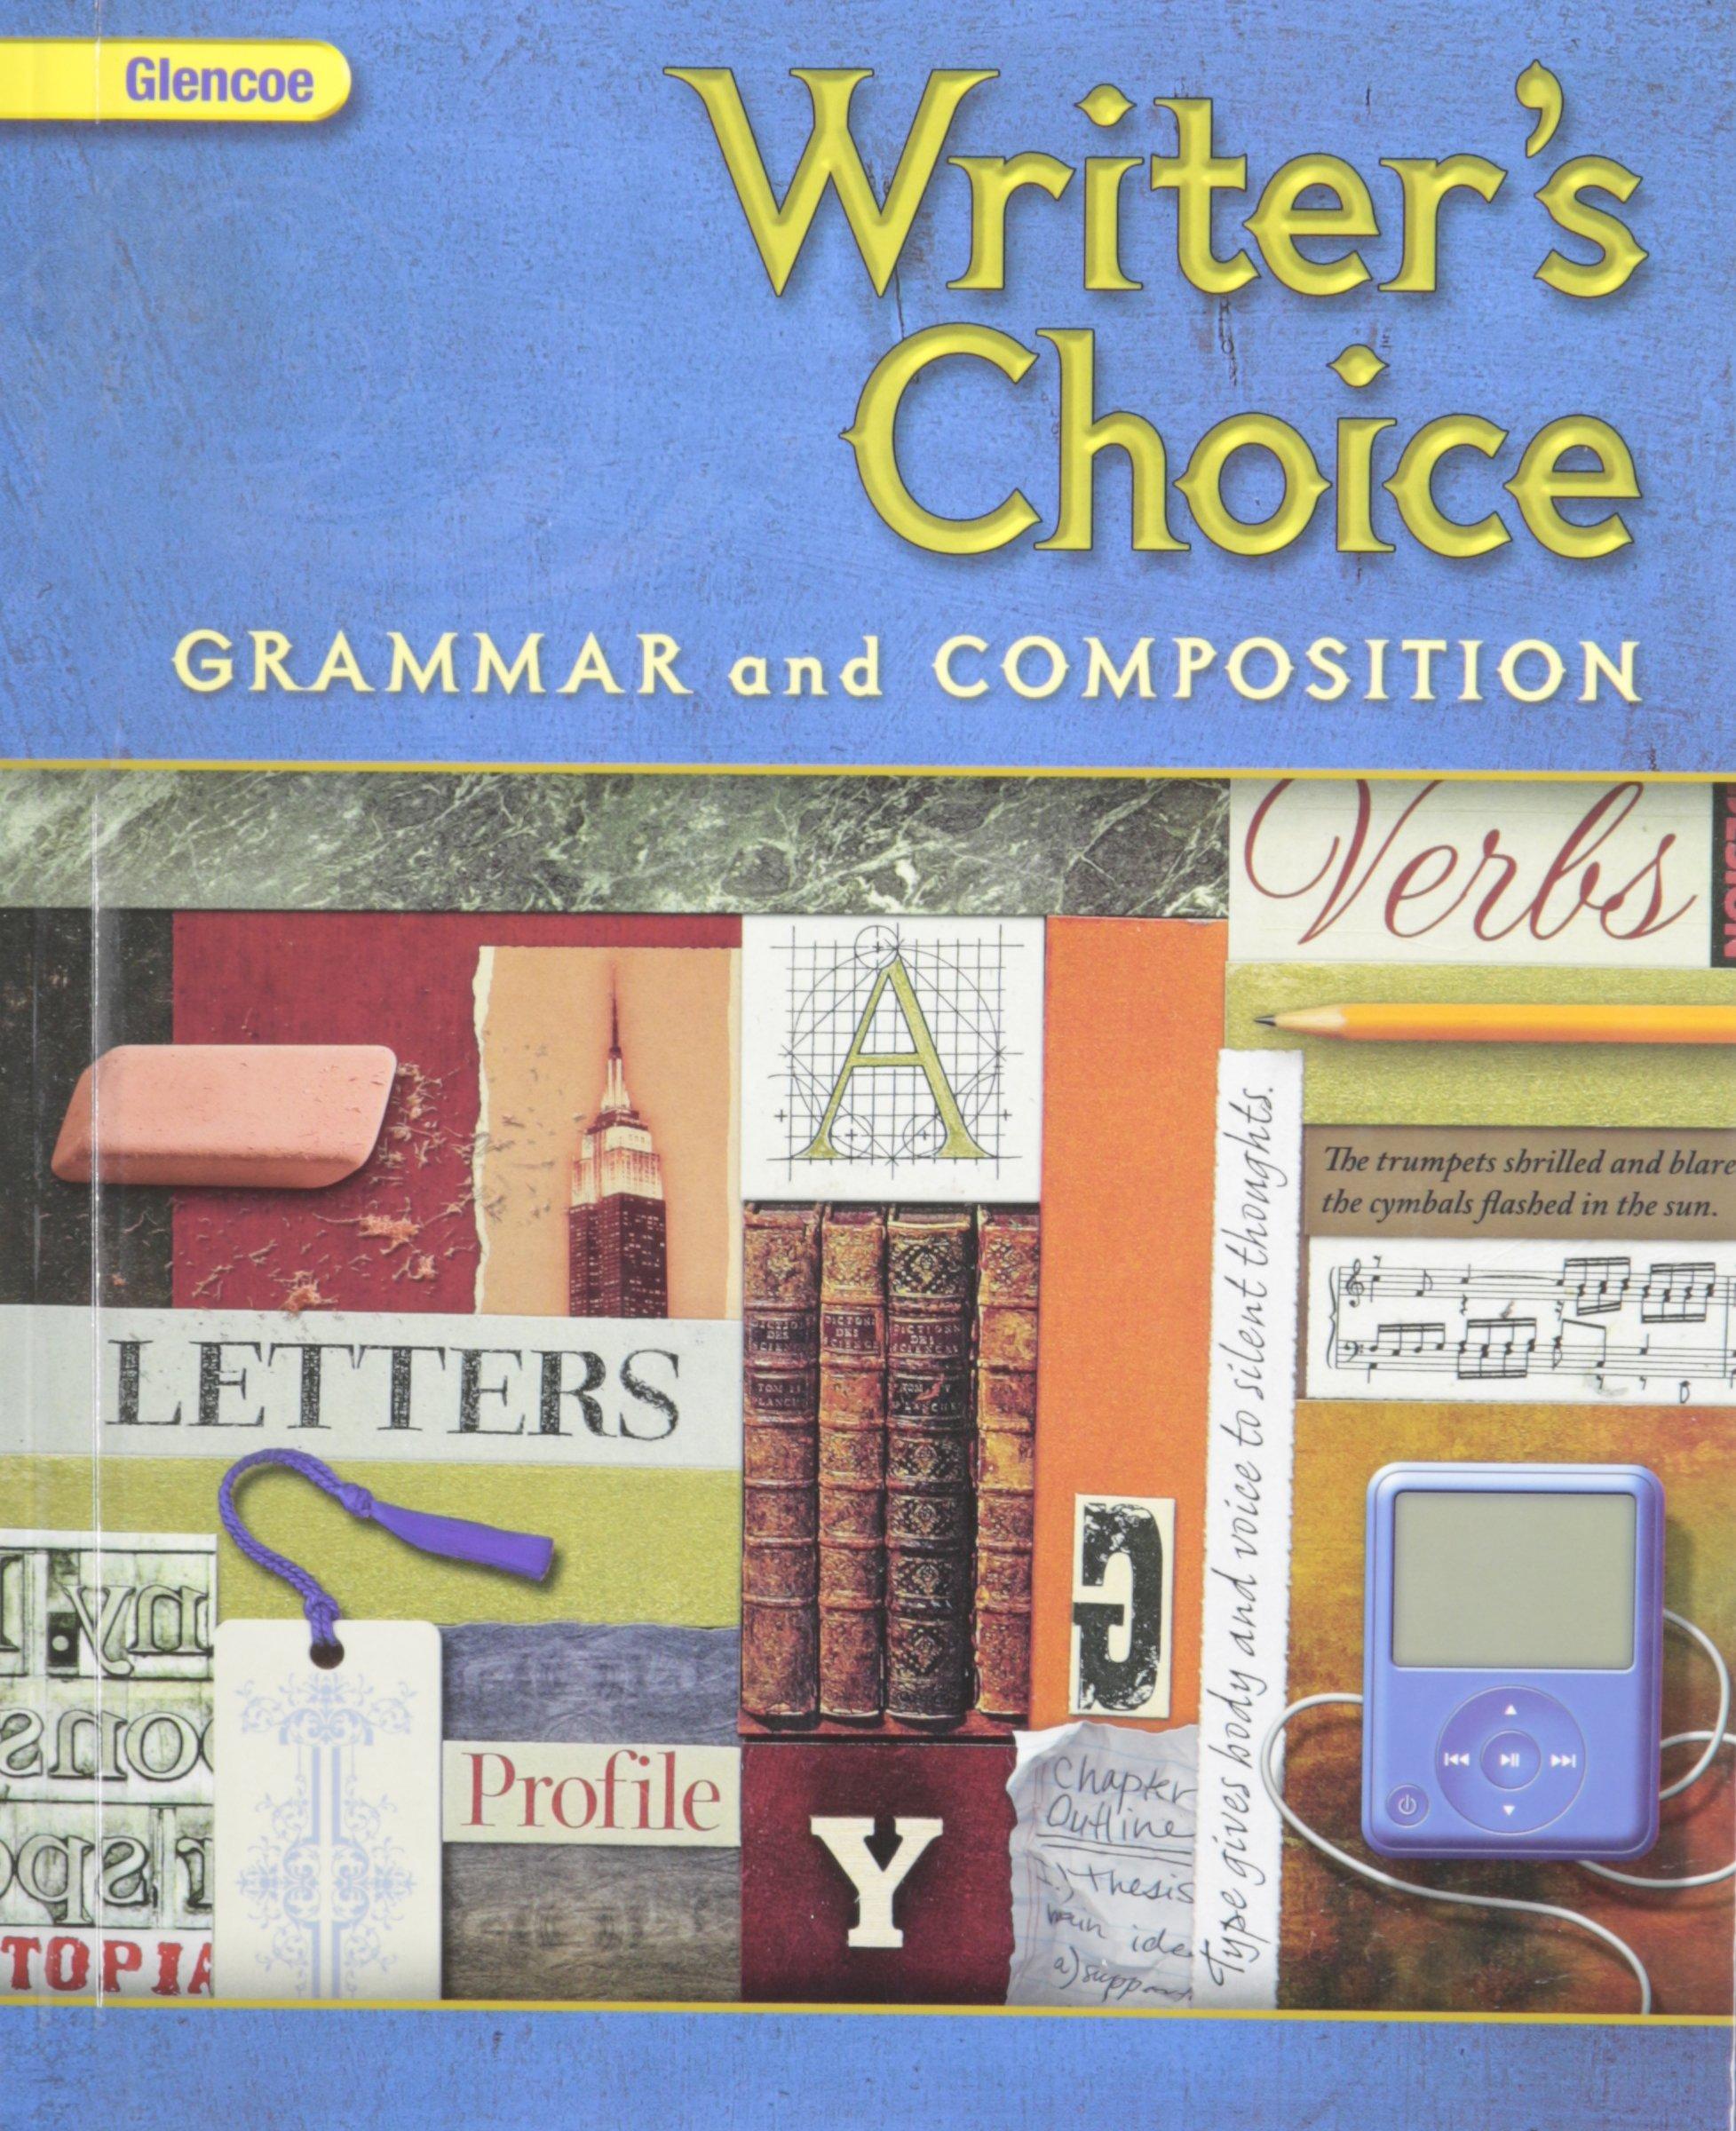 GRADE 6 WRITERS CHOICE (2009 GRADE 6 GLENCOE WRITERS CHOICE GRAMMAR AND COMPOSITION, GRAMMAR AND COMPOSITION) PDF